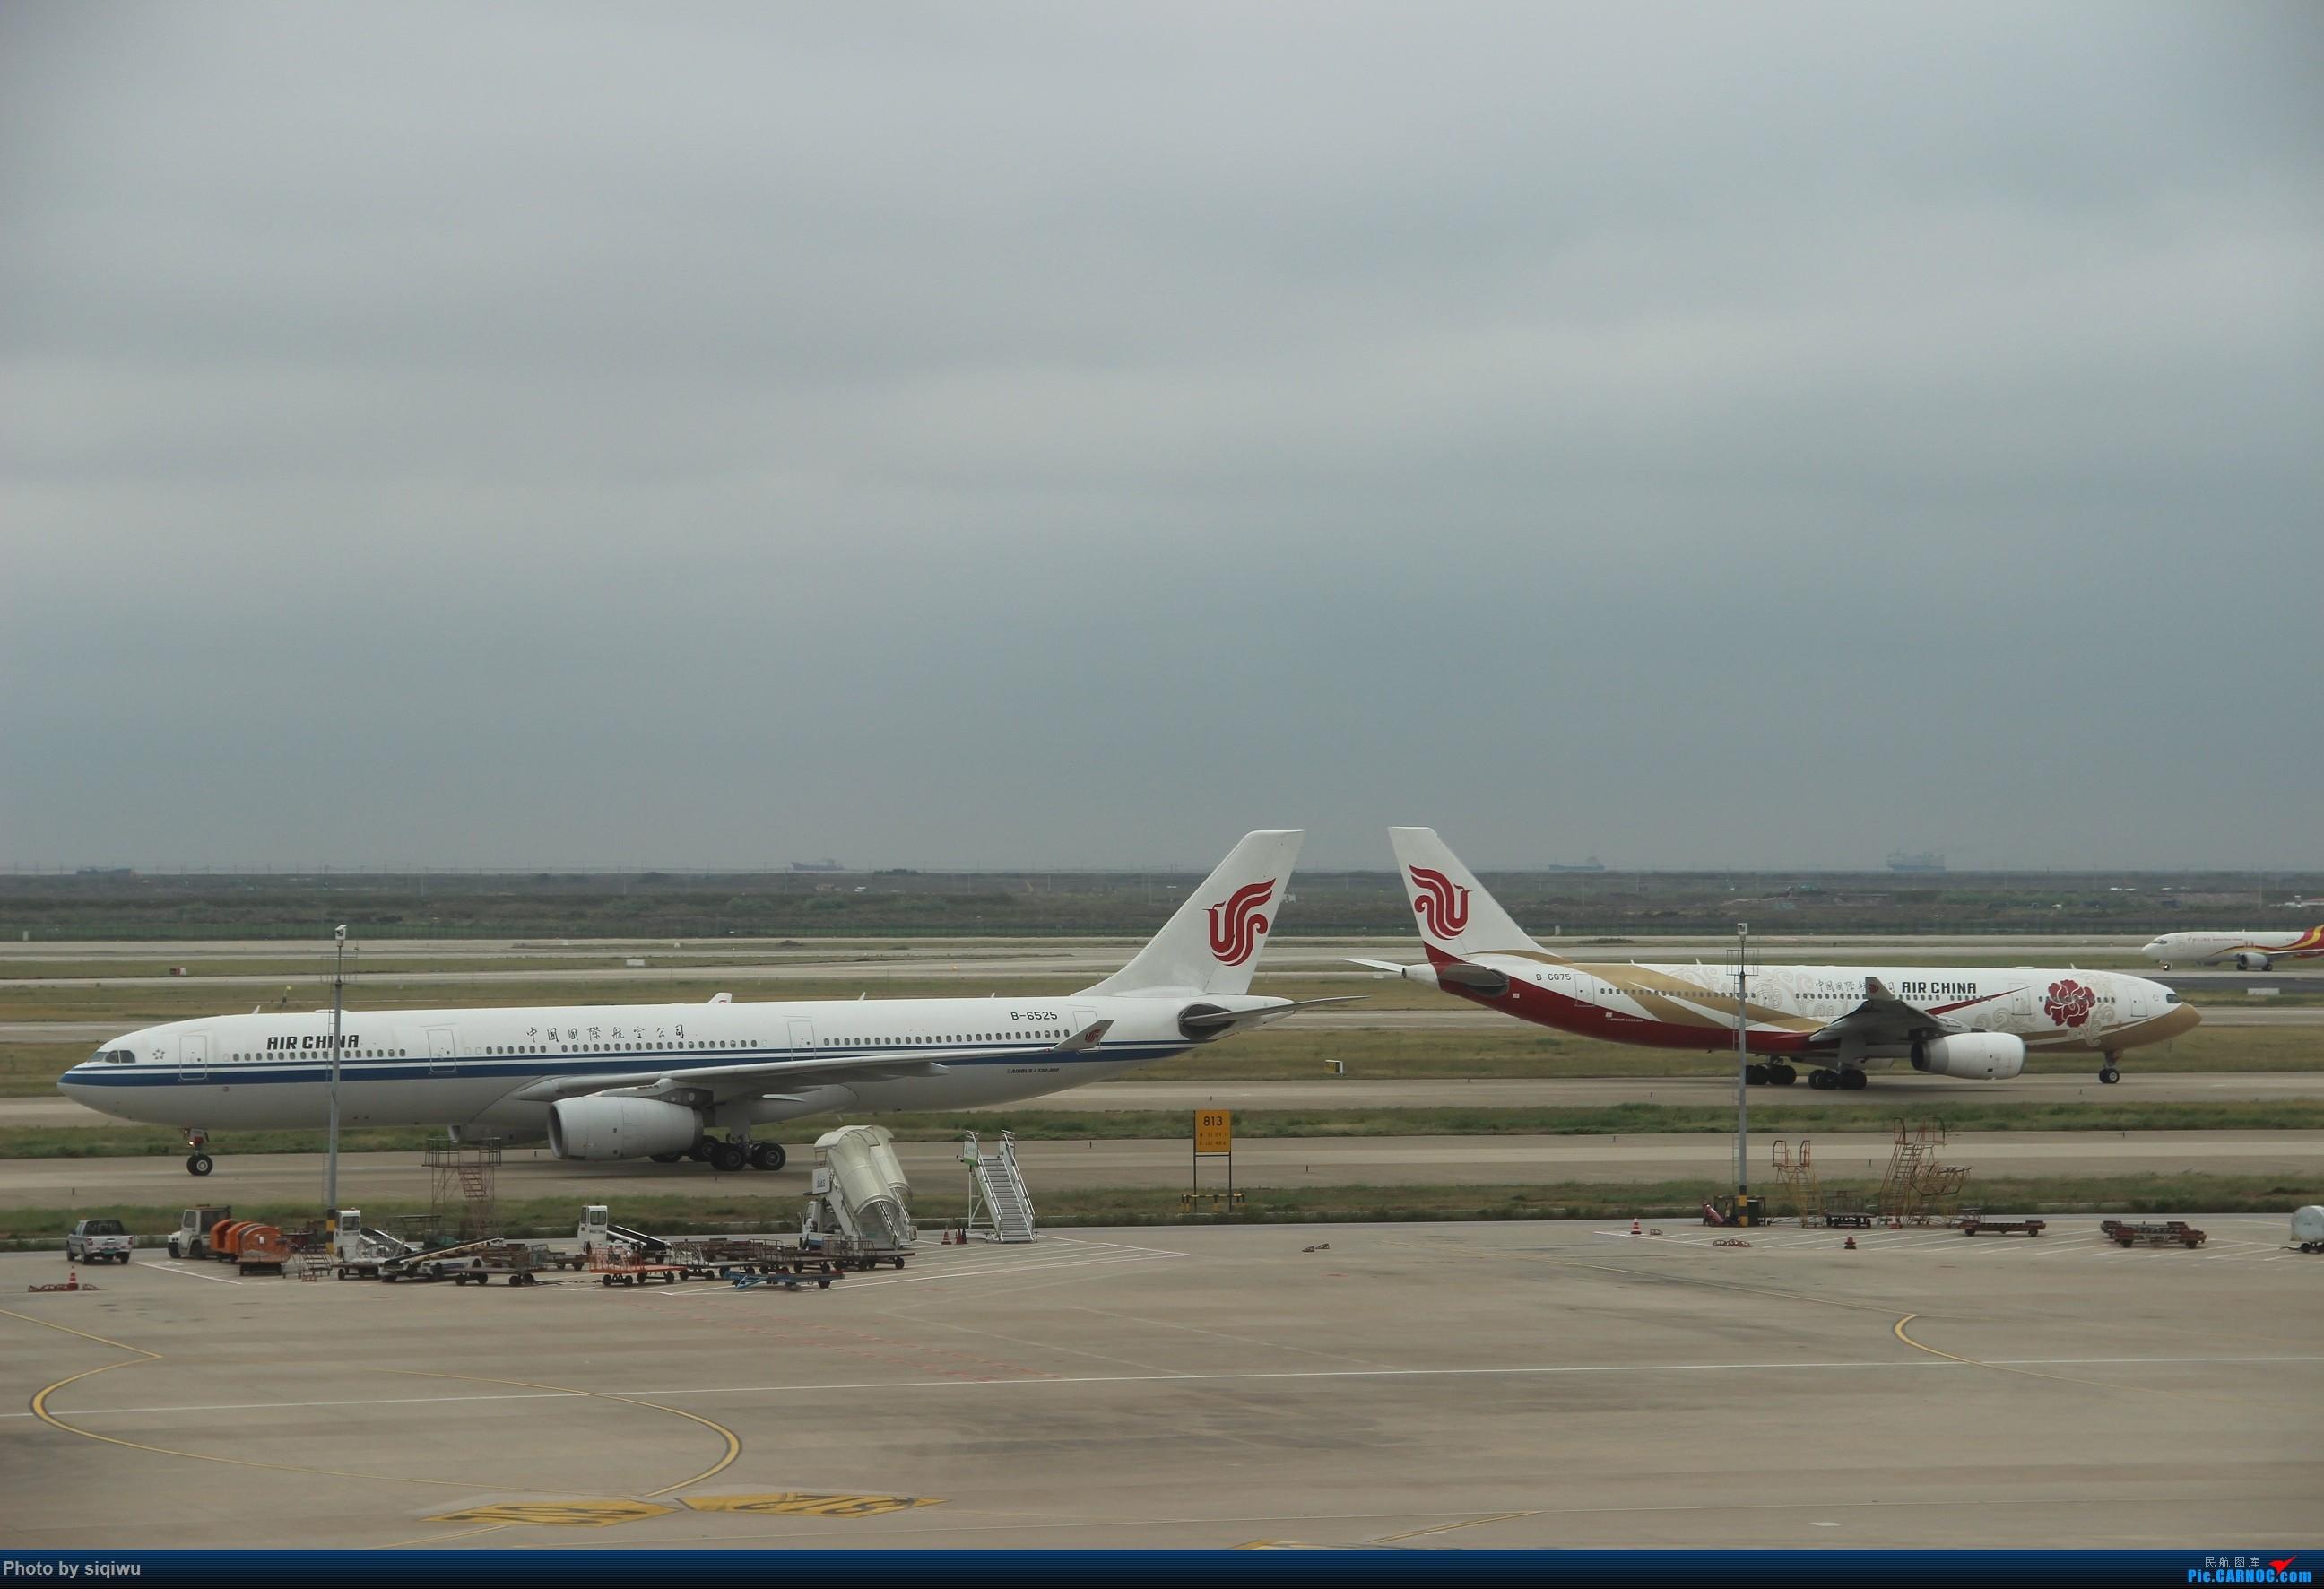 Re:[原创]PVG-HKG-KUL-HKG-PVG 四天往返,CX/KA AIRBUS A330-200  中国上海浦东国际机场